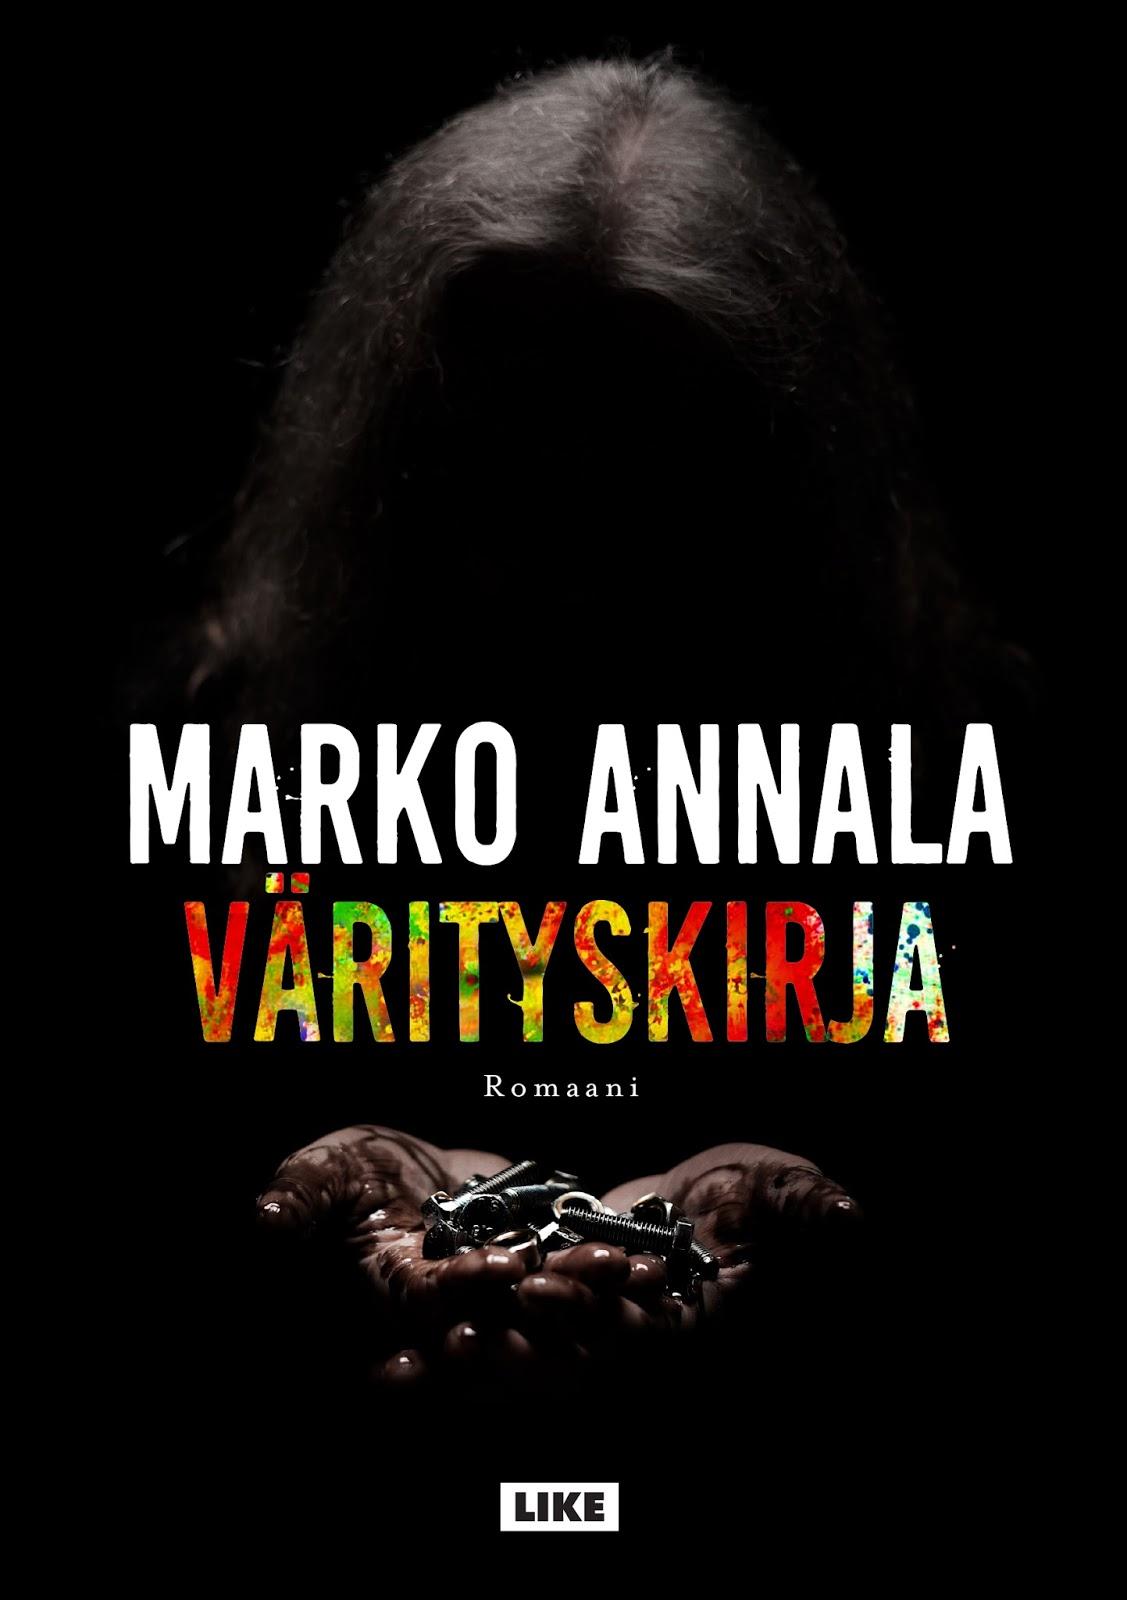 Marko Annala Värityskirja